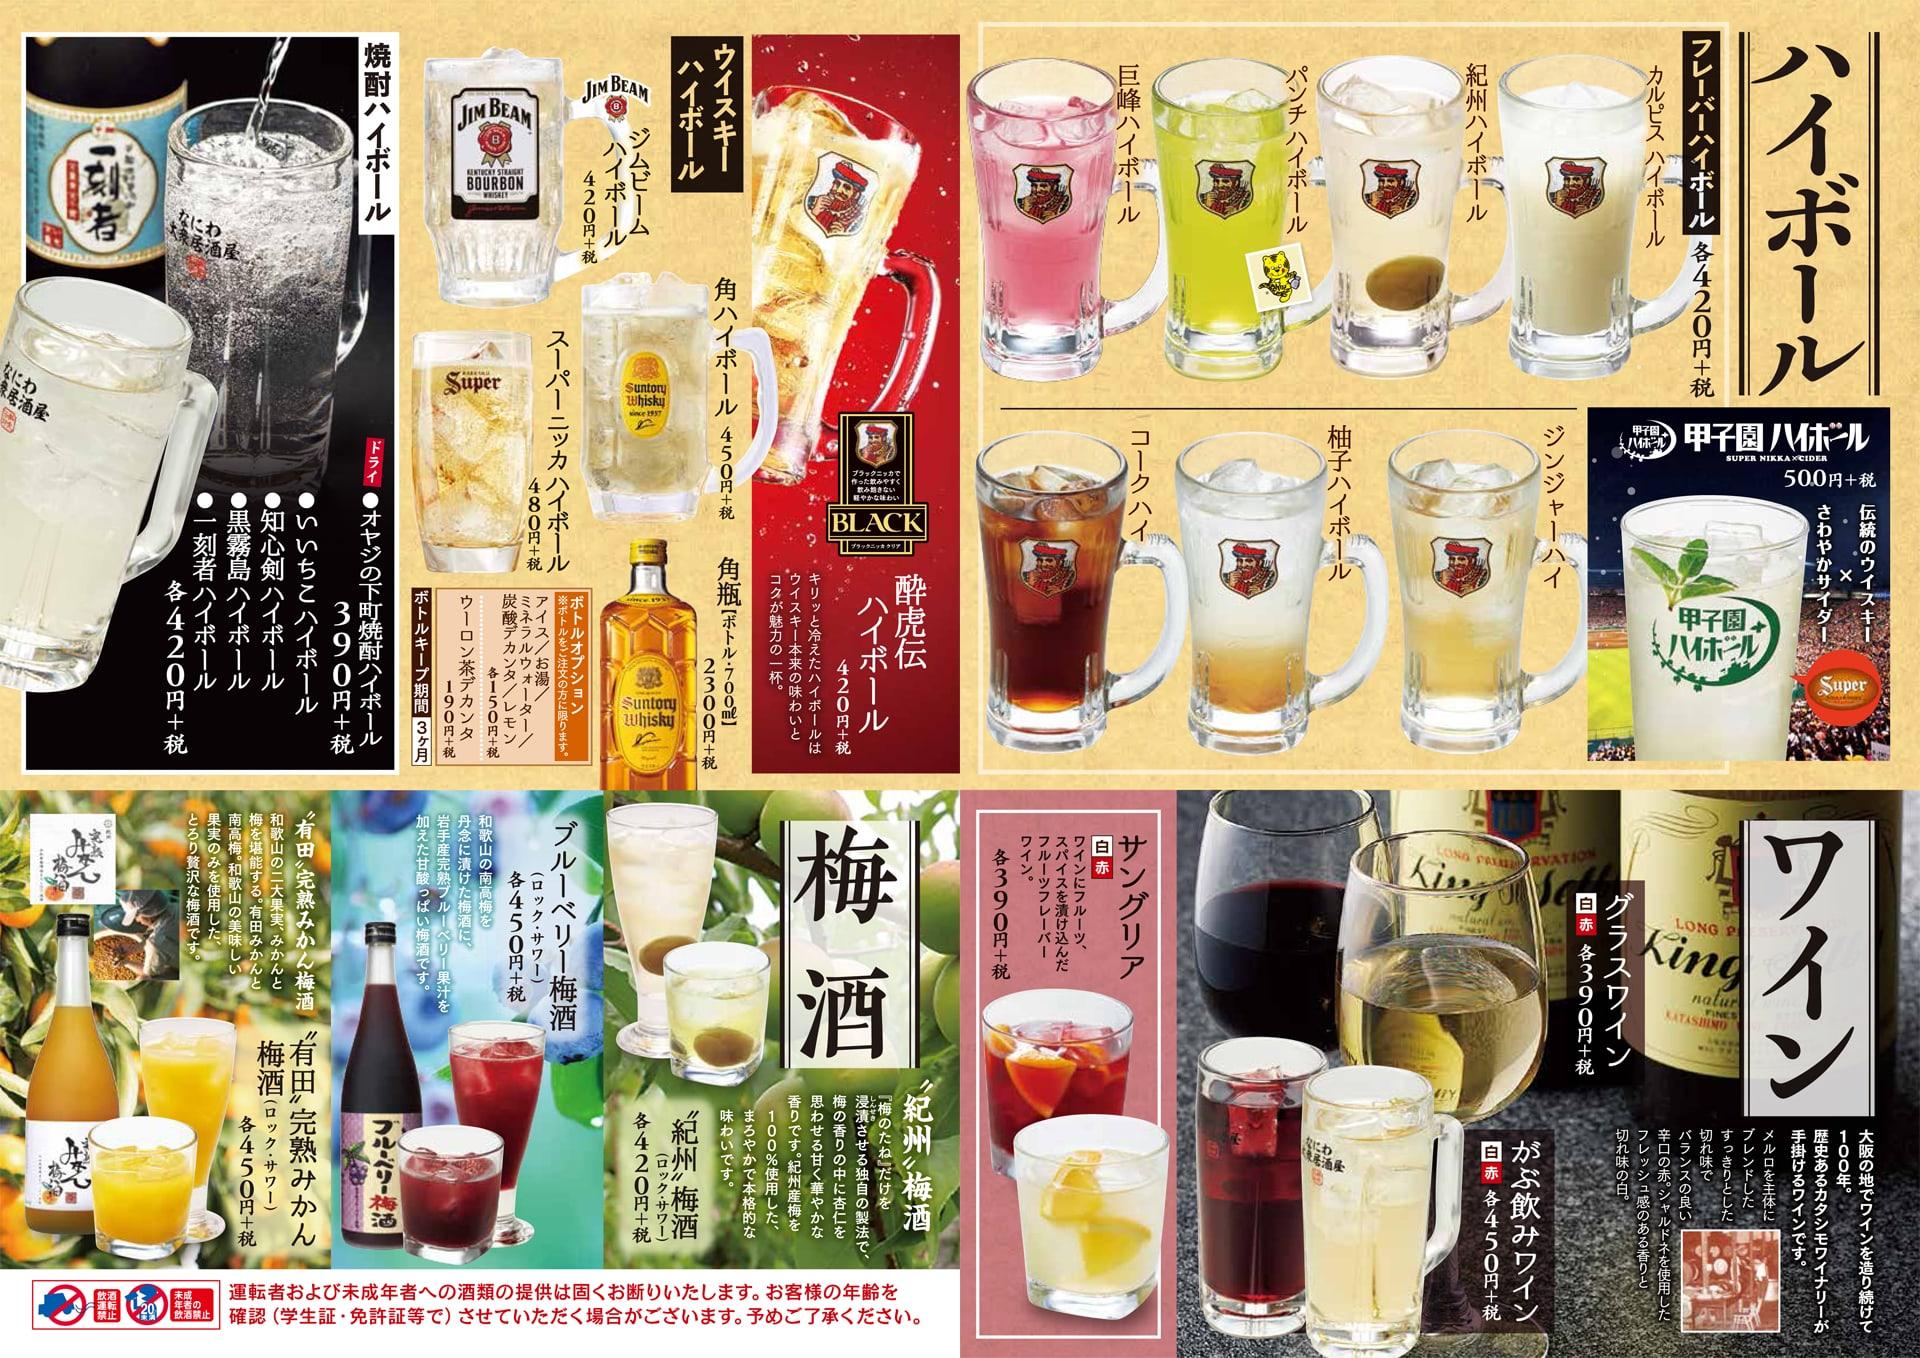 酔虎伝 ハイボール・ワイン・梅酒